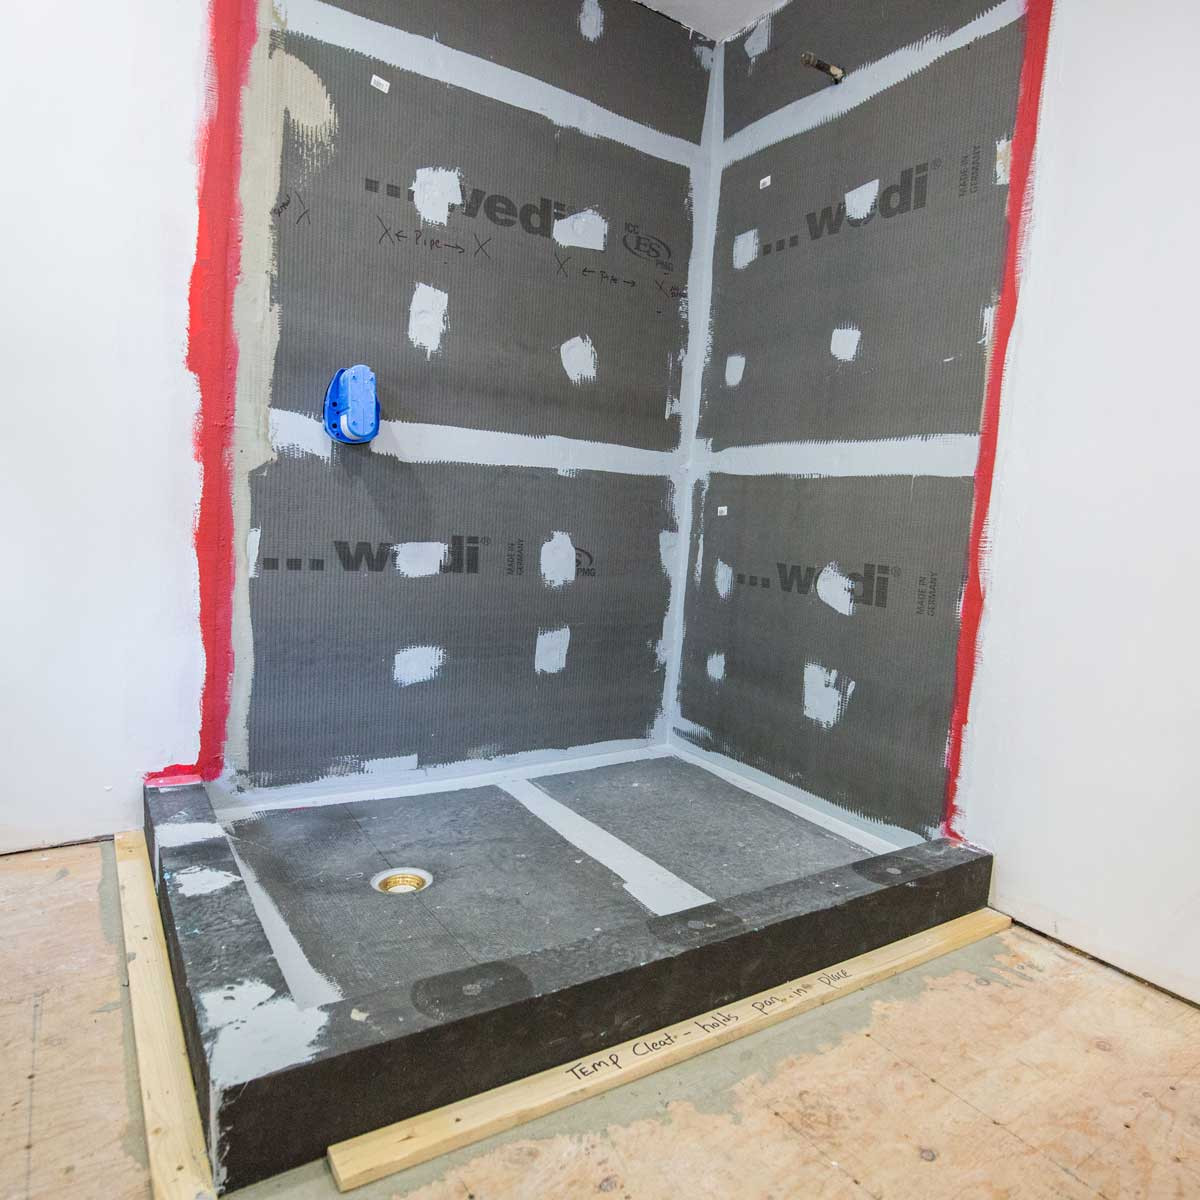 wedi ecobath onestep shower base contractors direct. Black Bedroom Furniture Sets. Home Design Ideas